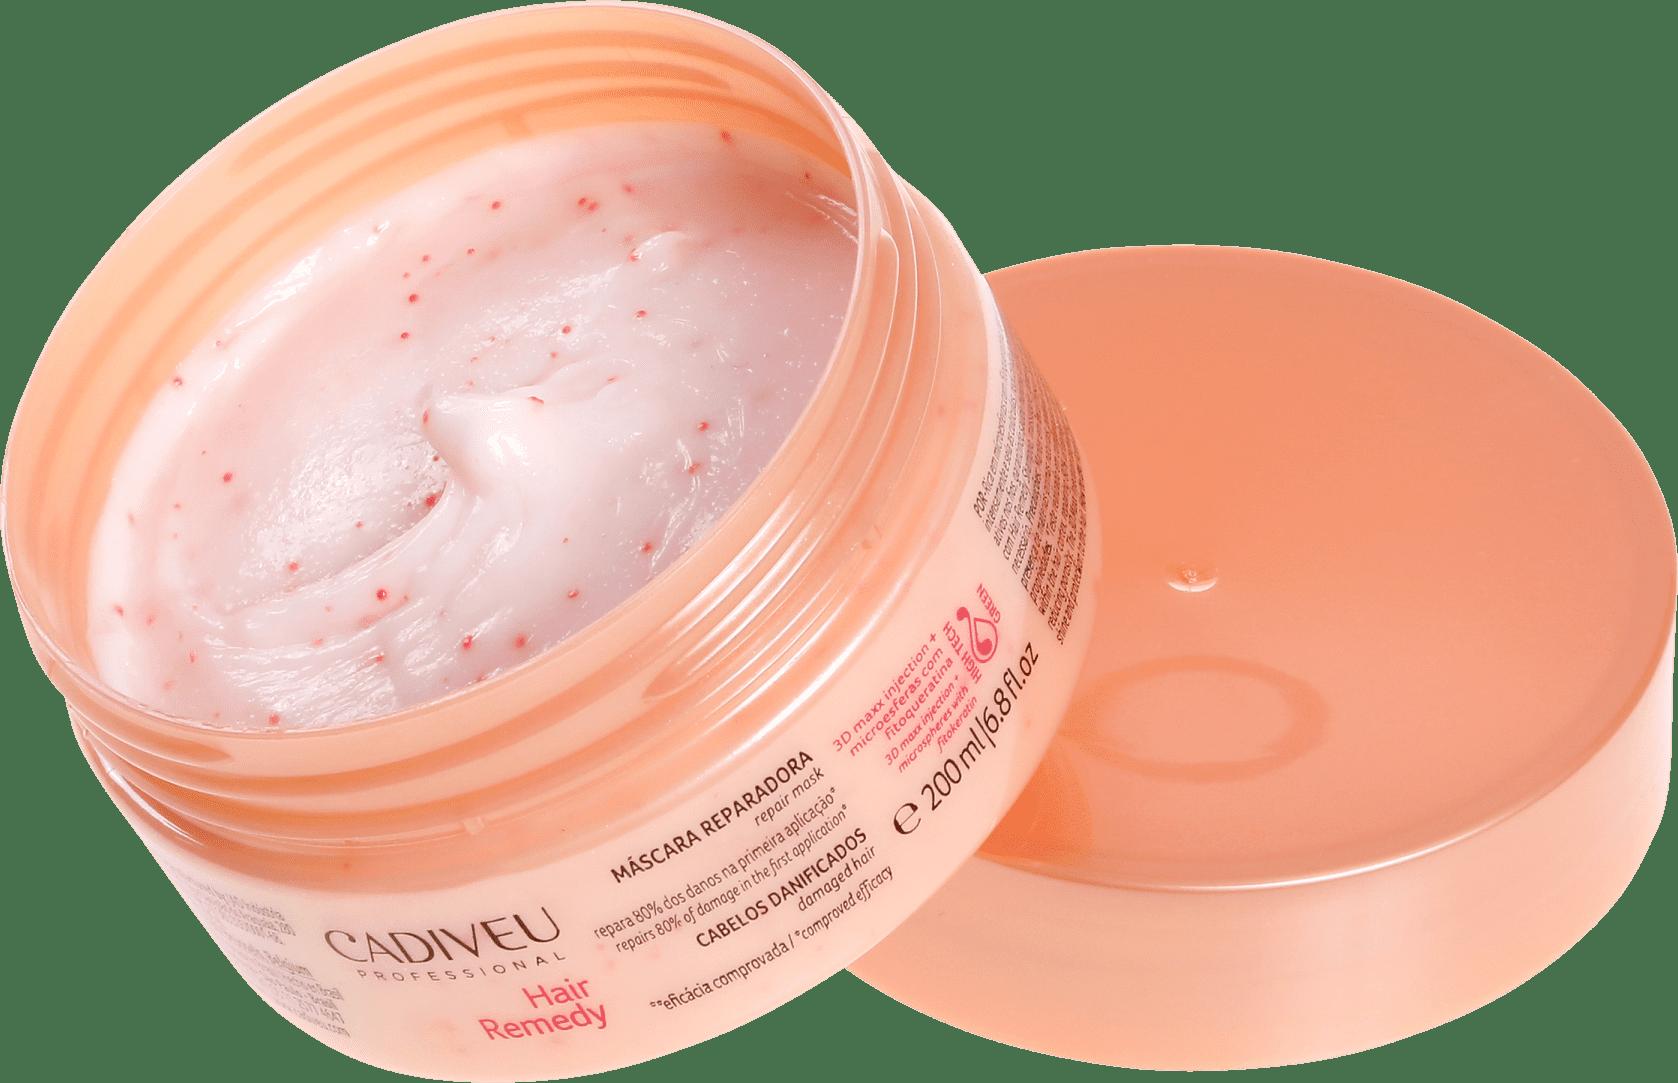 c9910e960 Cadiveu Professional Hair Remedy - Máscara Capilar 200ml